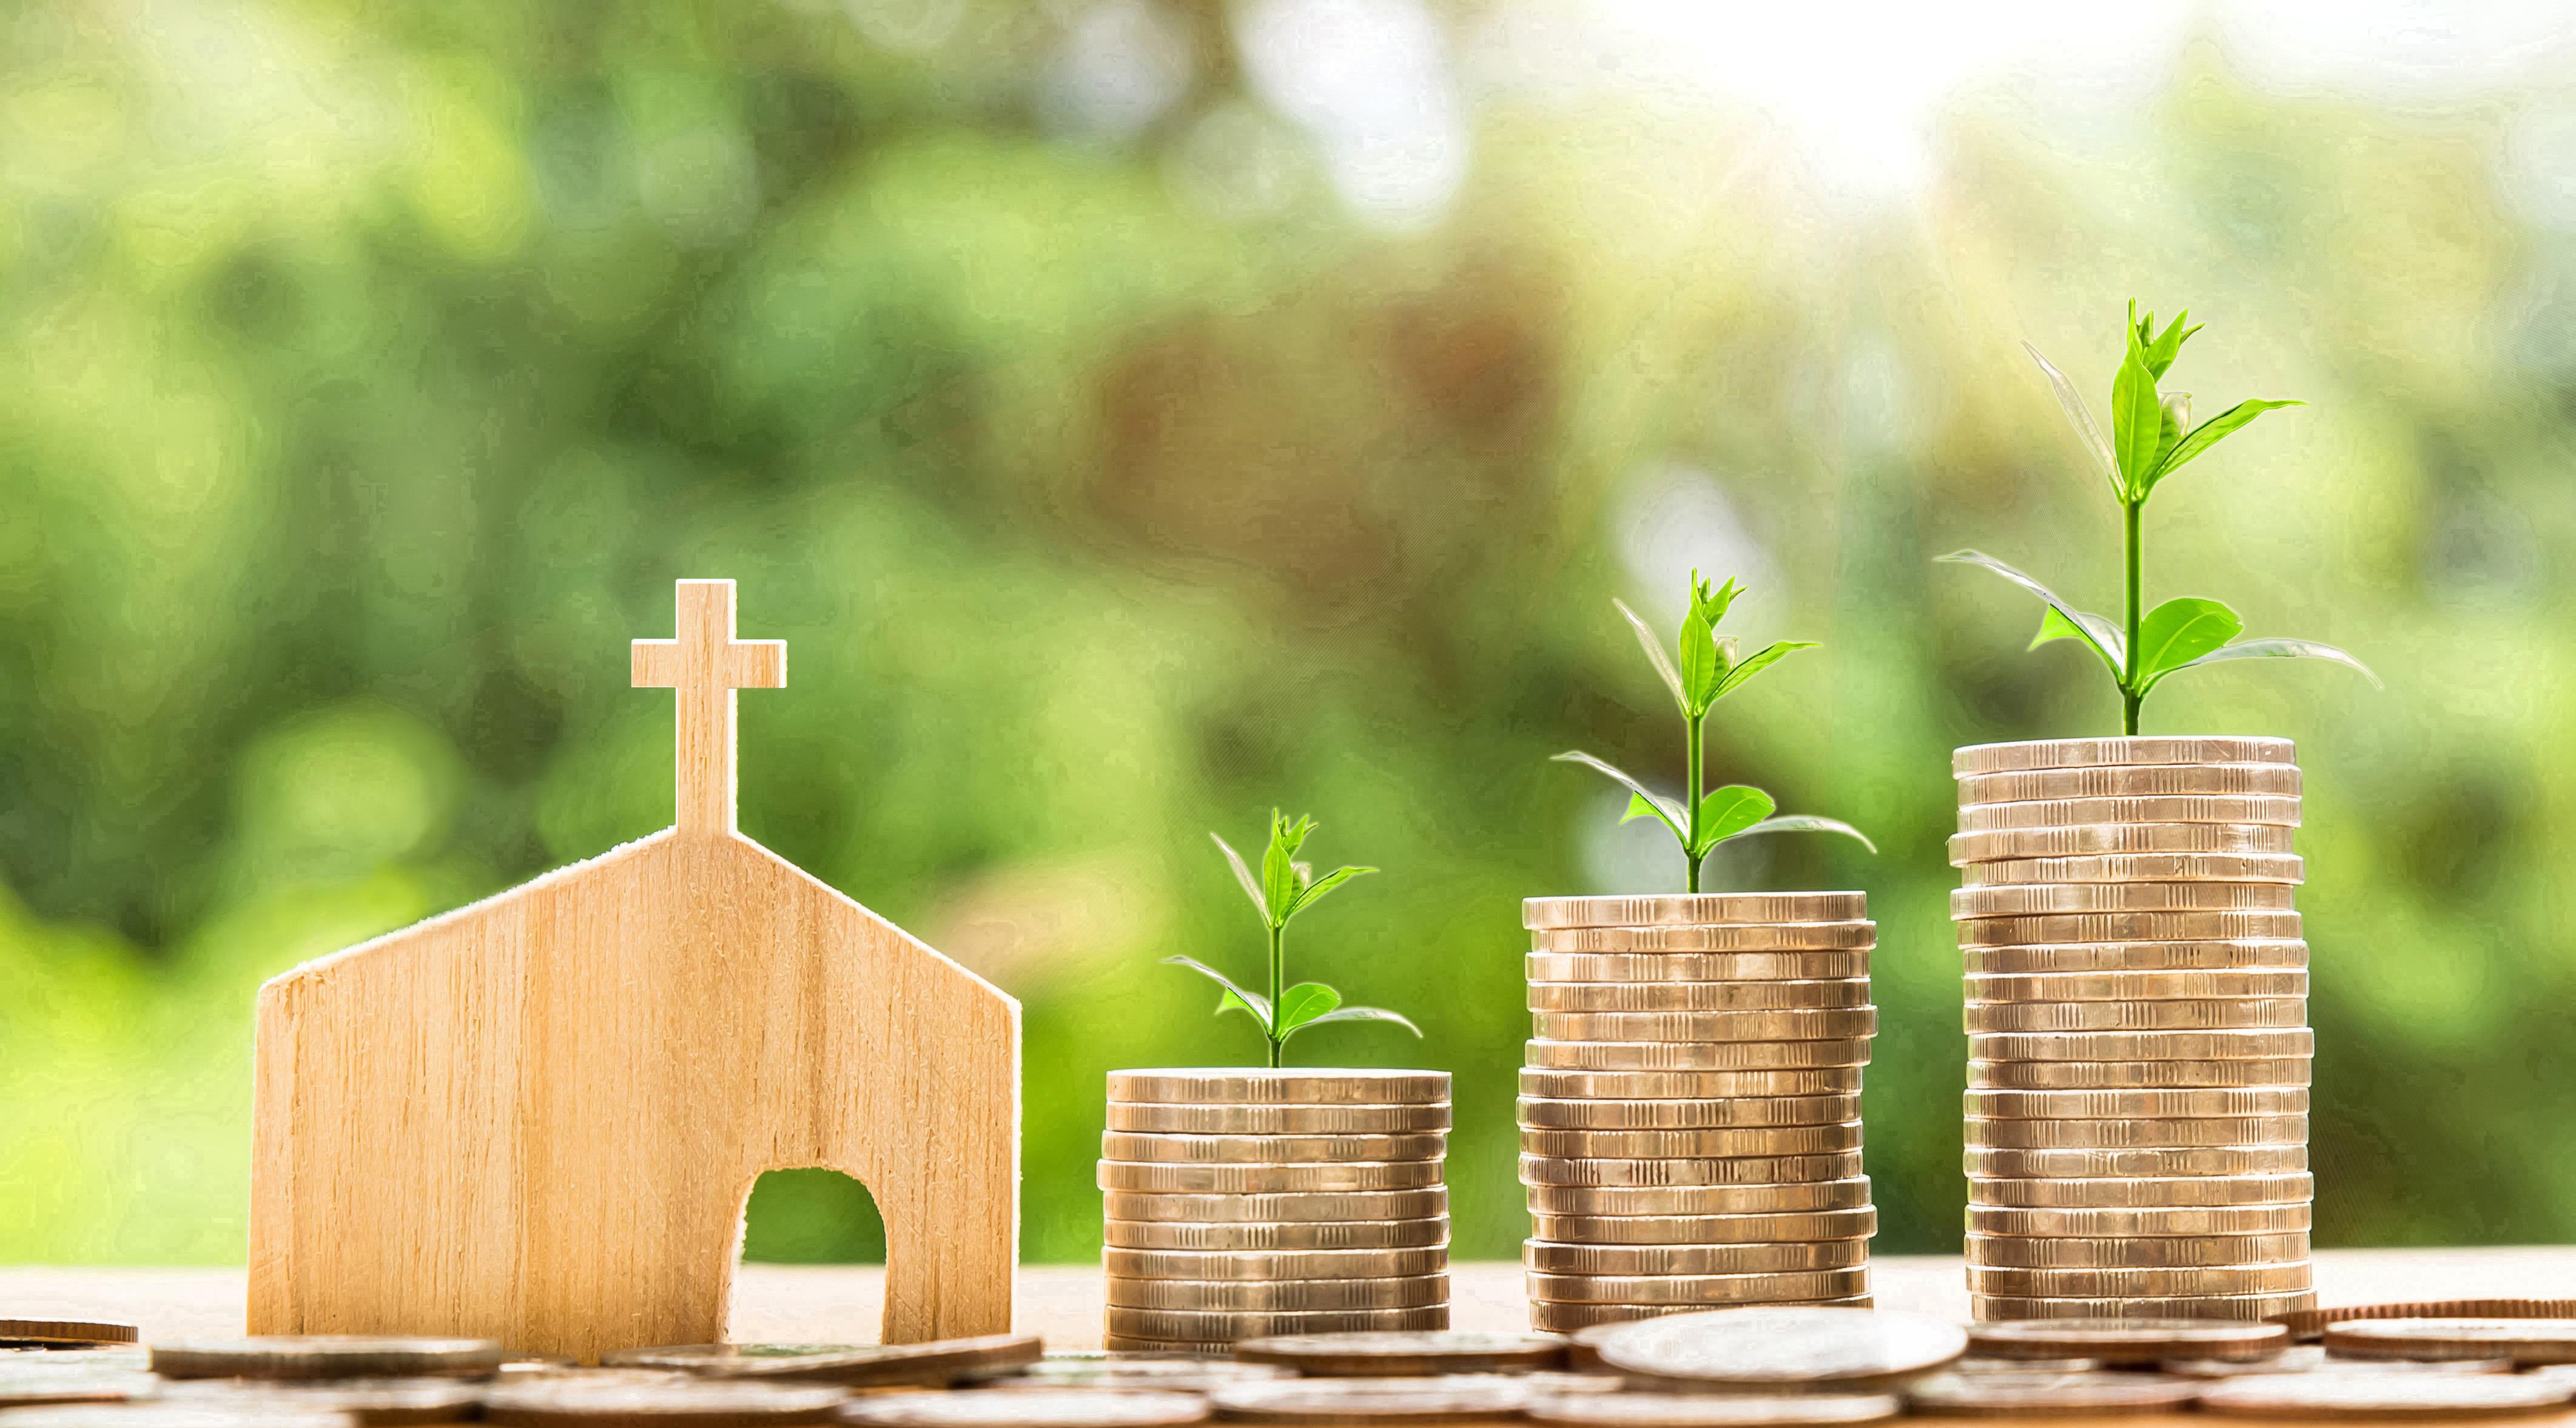 연합 감리교 은퇴 연금을 관리하는 <웨스패스>는 2019년에 어떤 결정이 내려지든지 그에 대비한 준비를 하고 있다. 사진제공 Nattanan Kanchanaprat, Pixabay